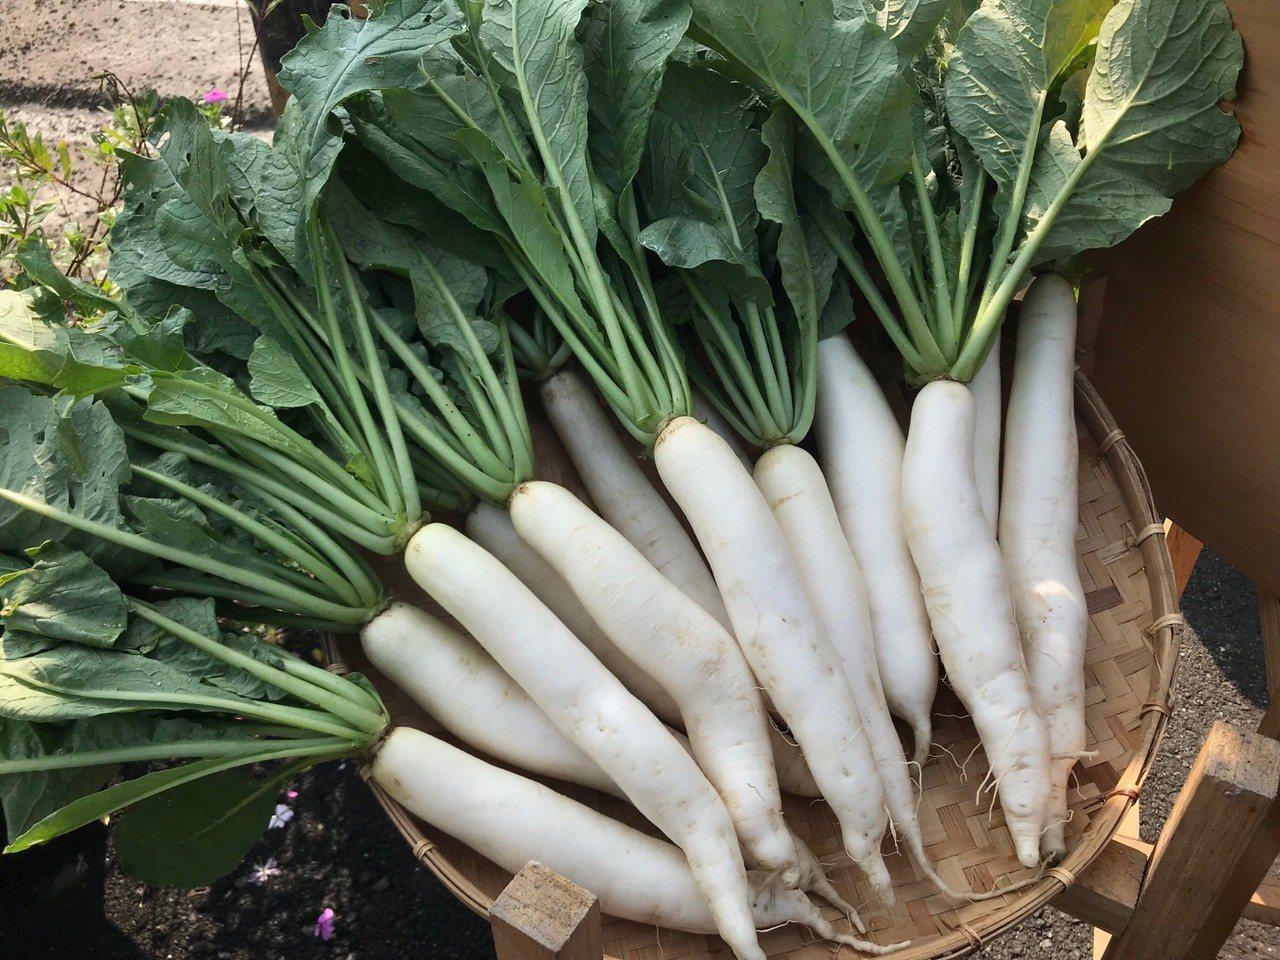 美濃特產白玉蘿蔔。記者徐白櫻/翻攝